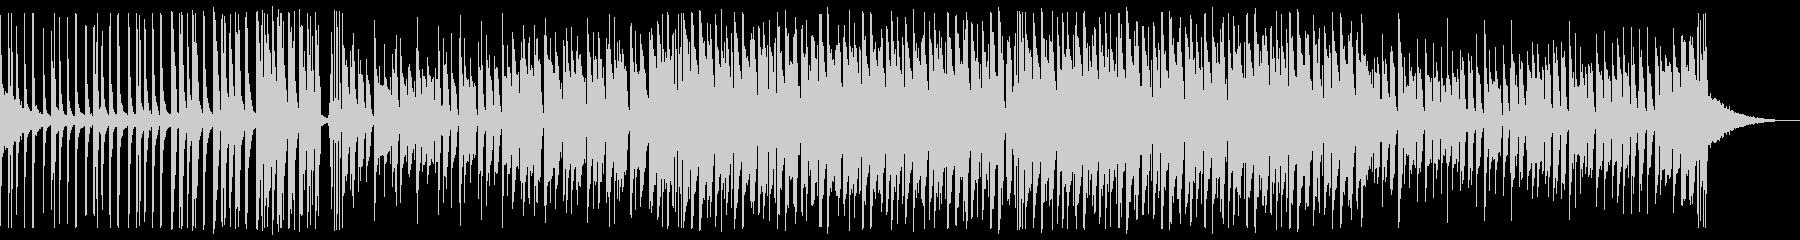 爽やかなEDM_3の未再生の波形